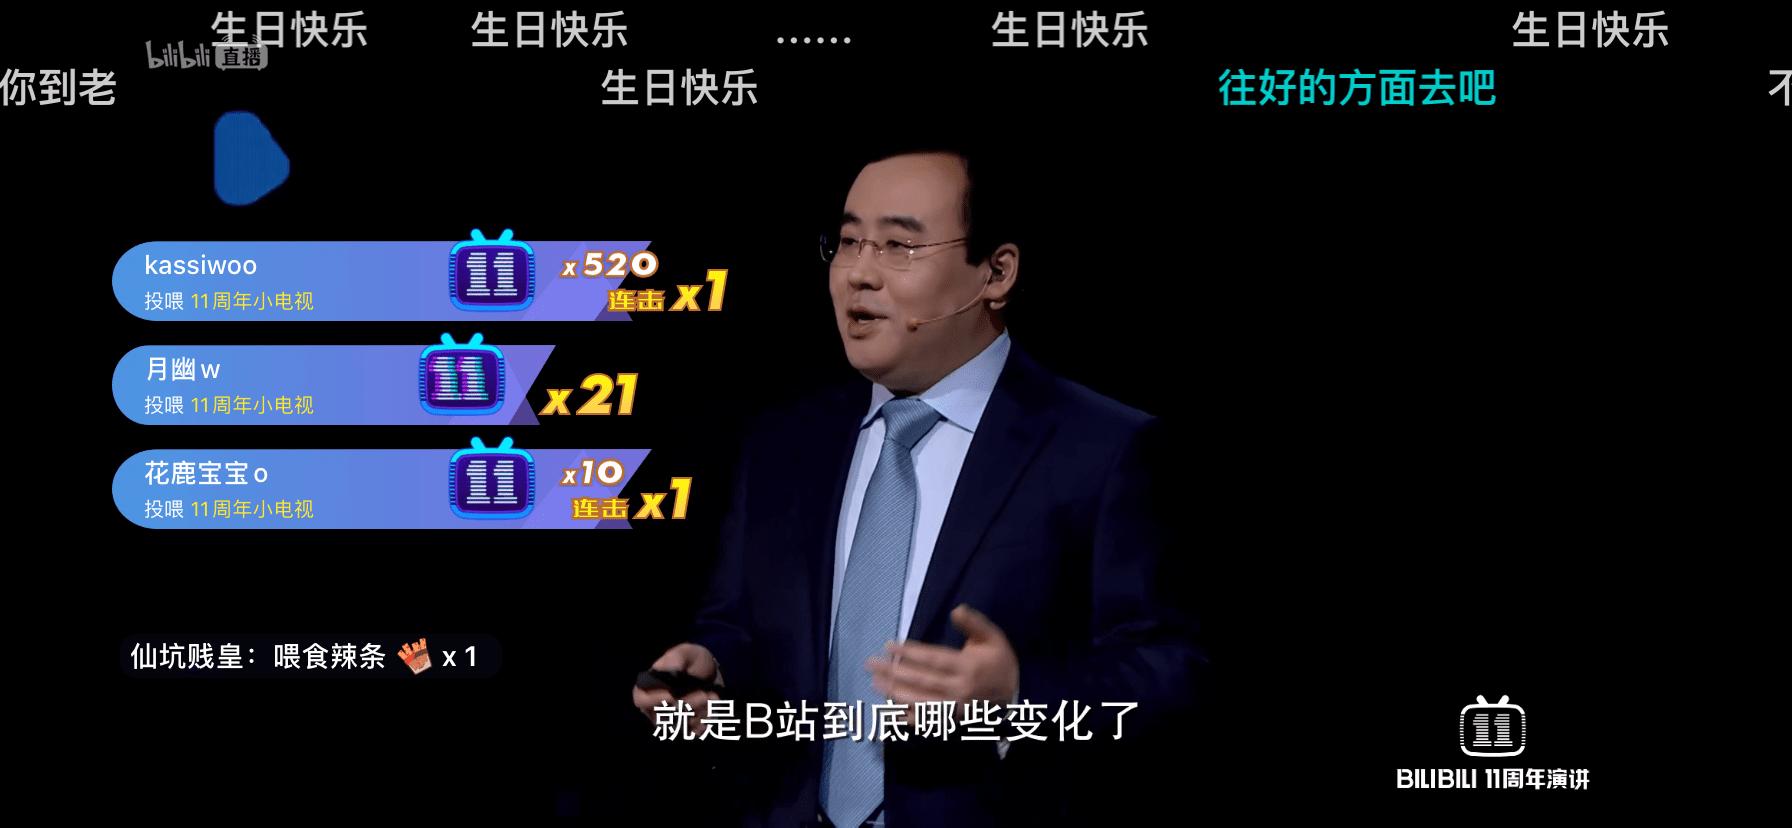 陈睿:B站变了,但也没变|B站11周年演讲全记录